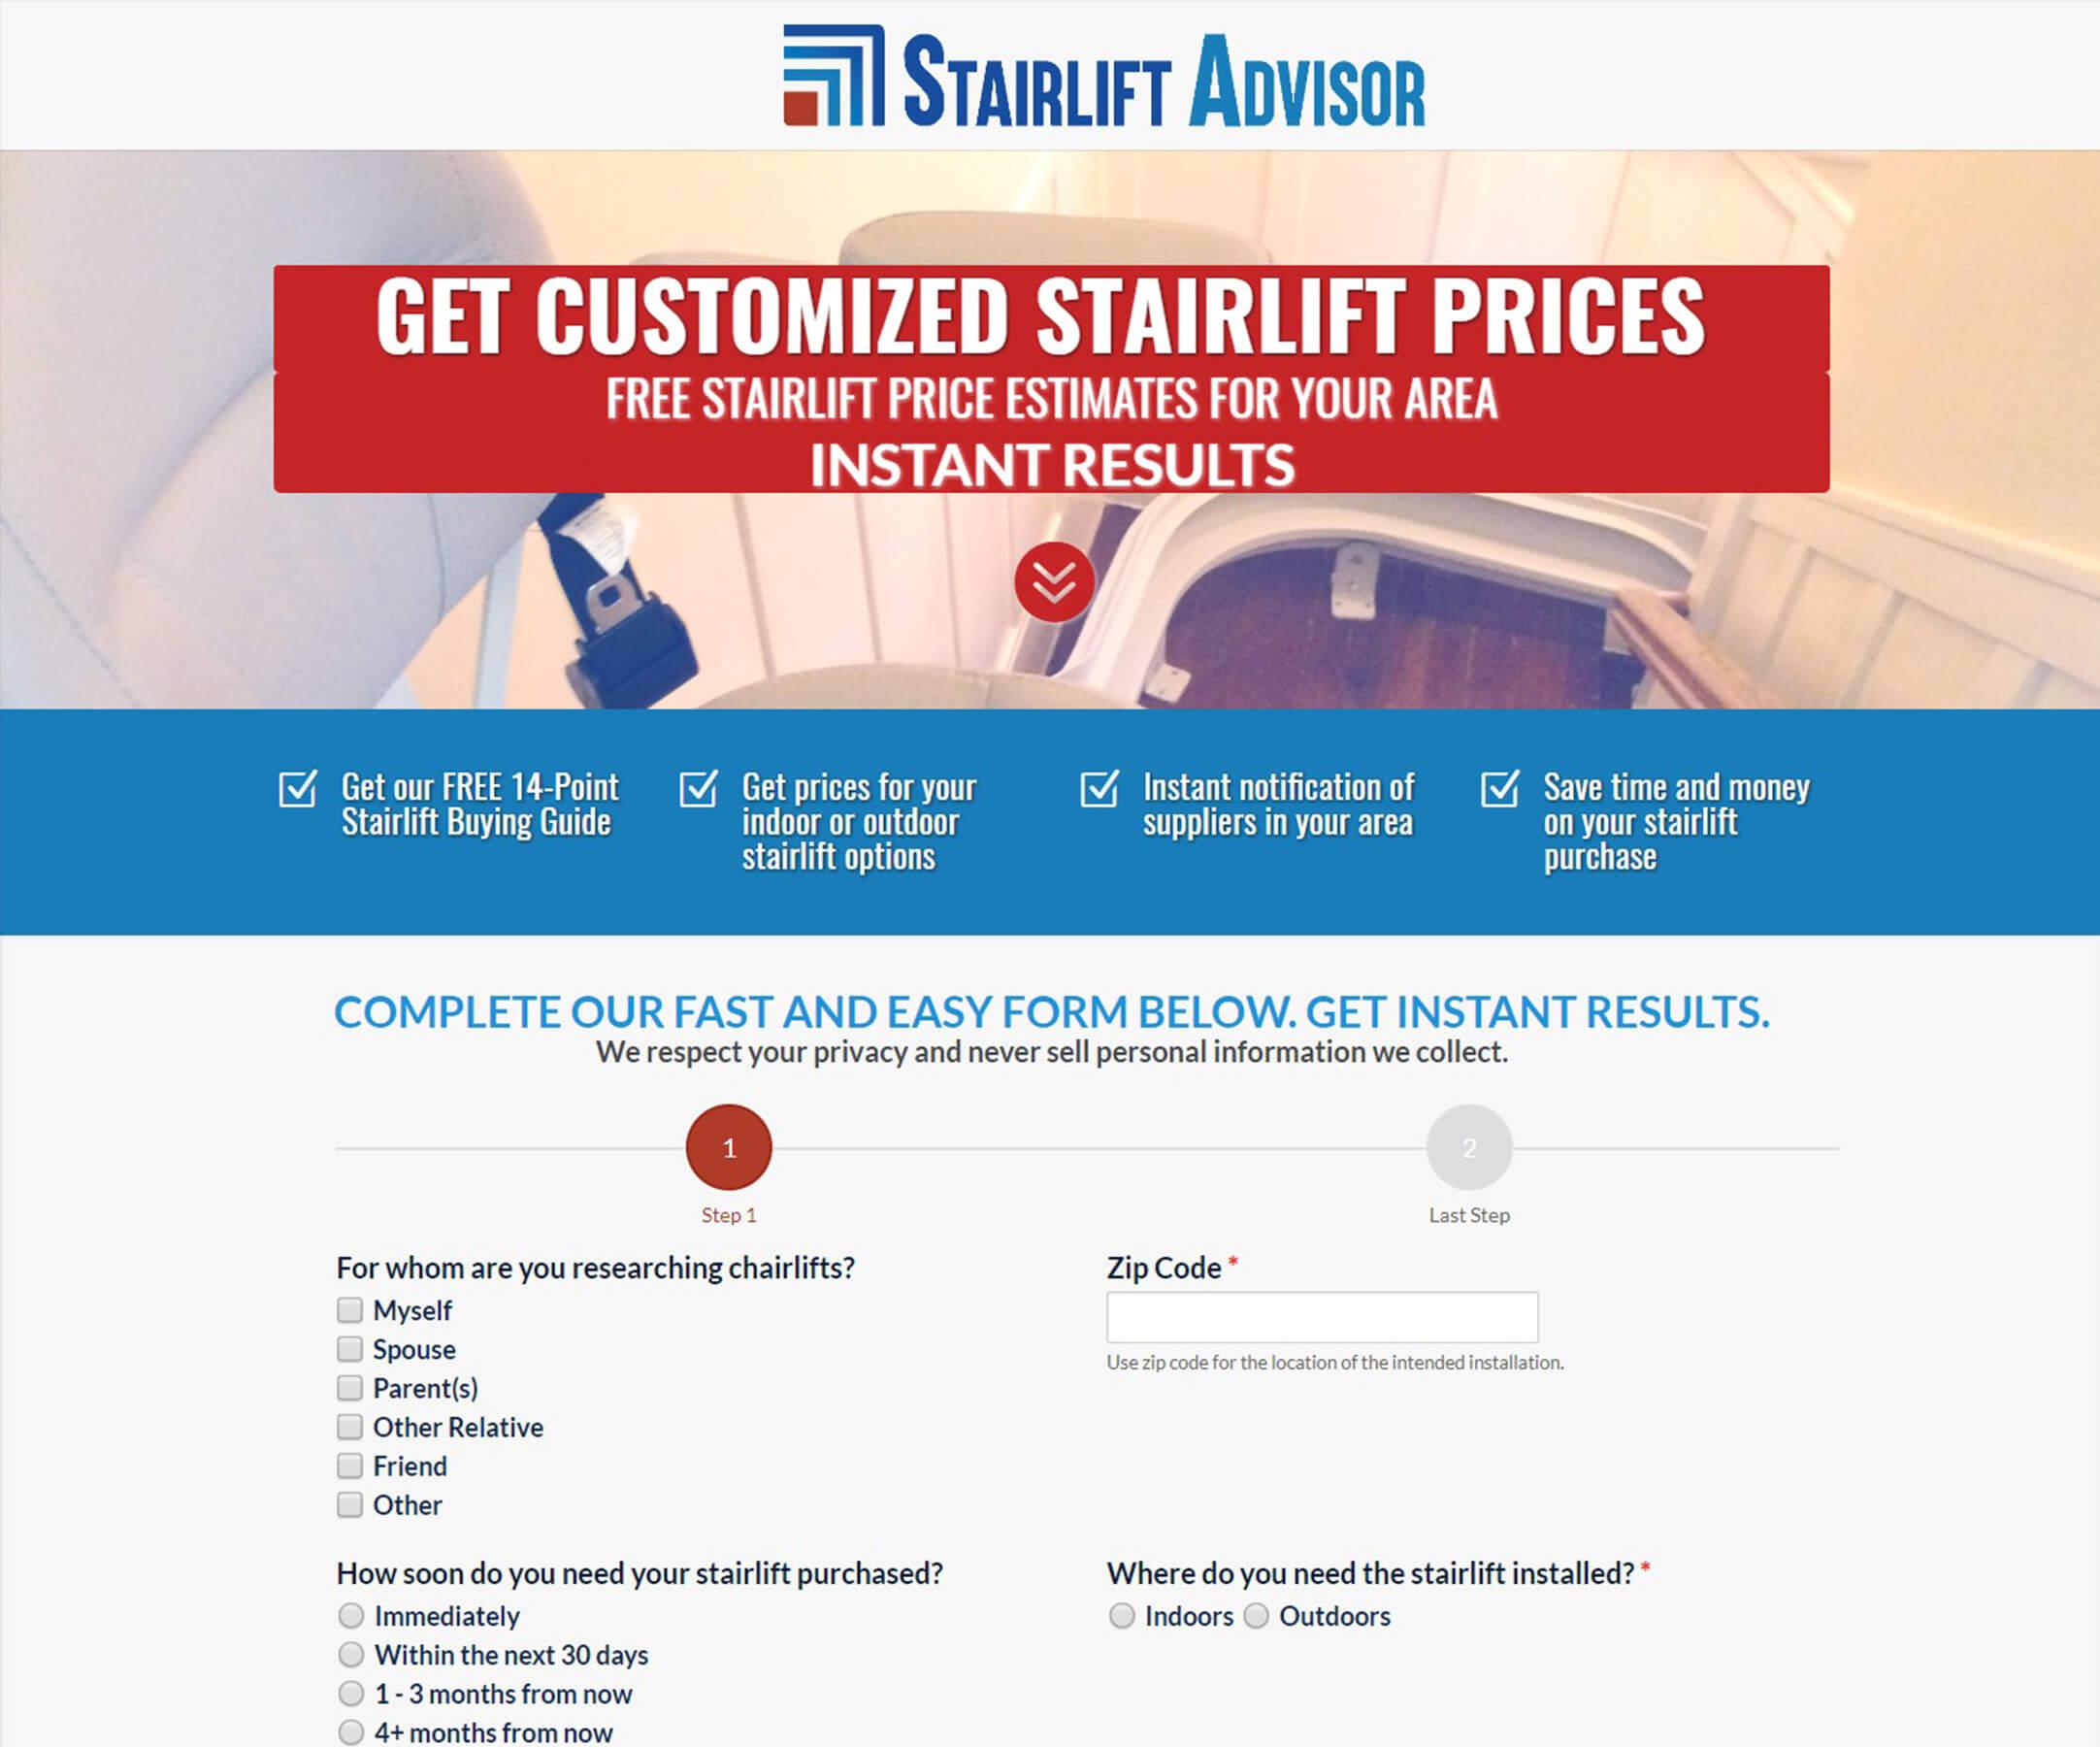 Stairlift Advisor 1-1